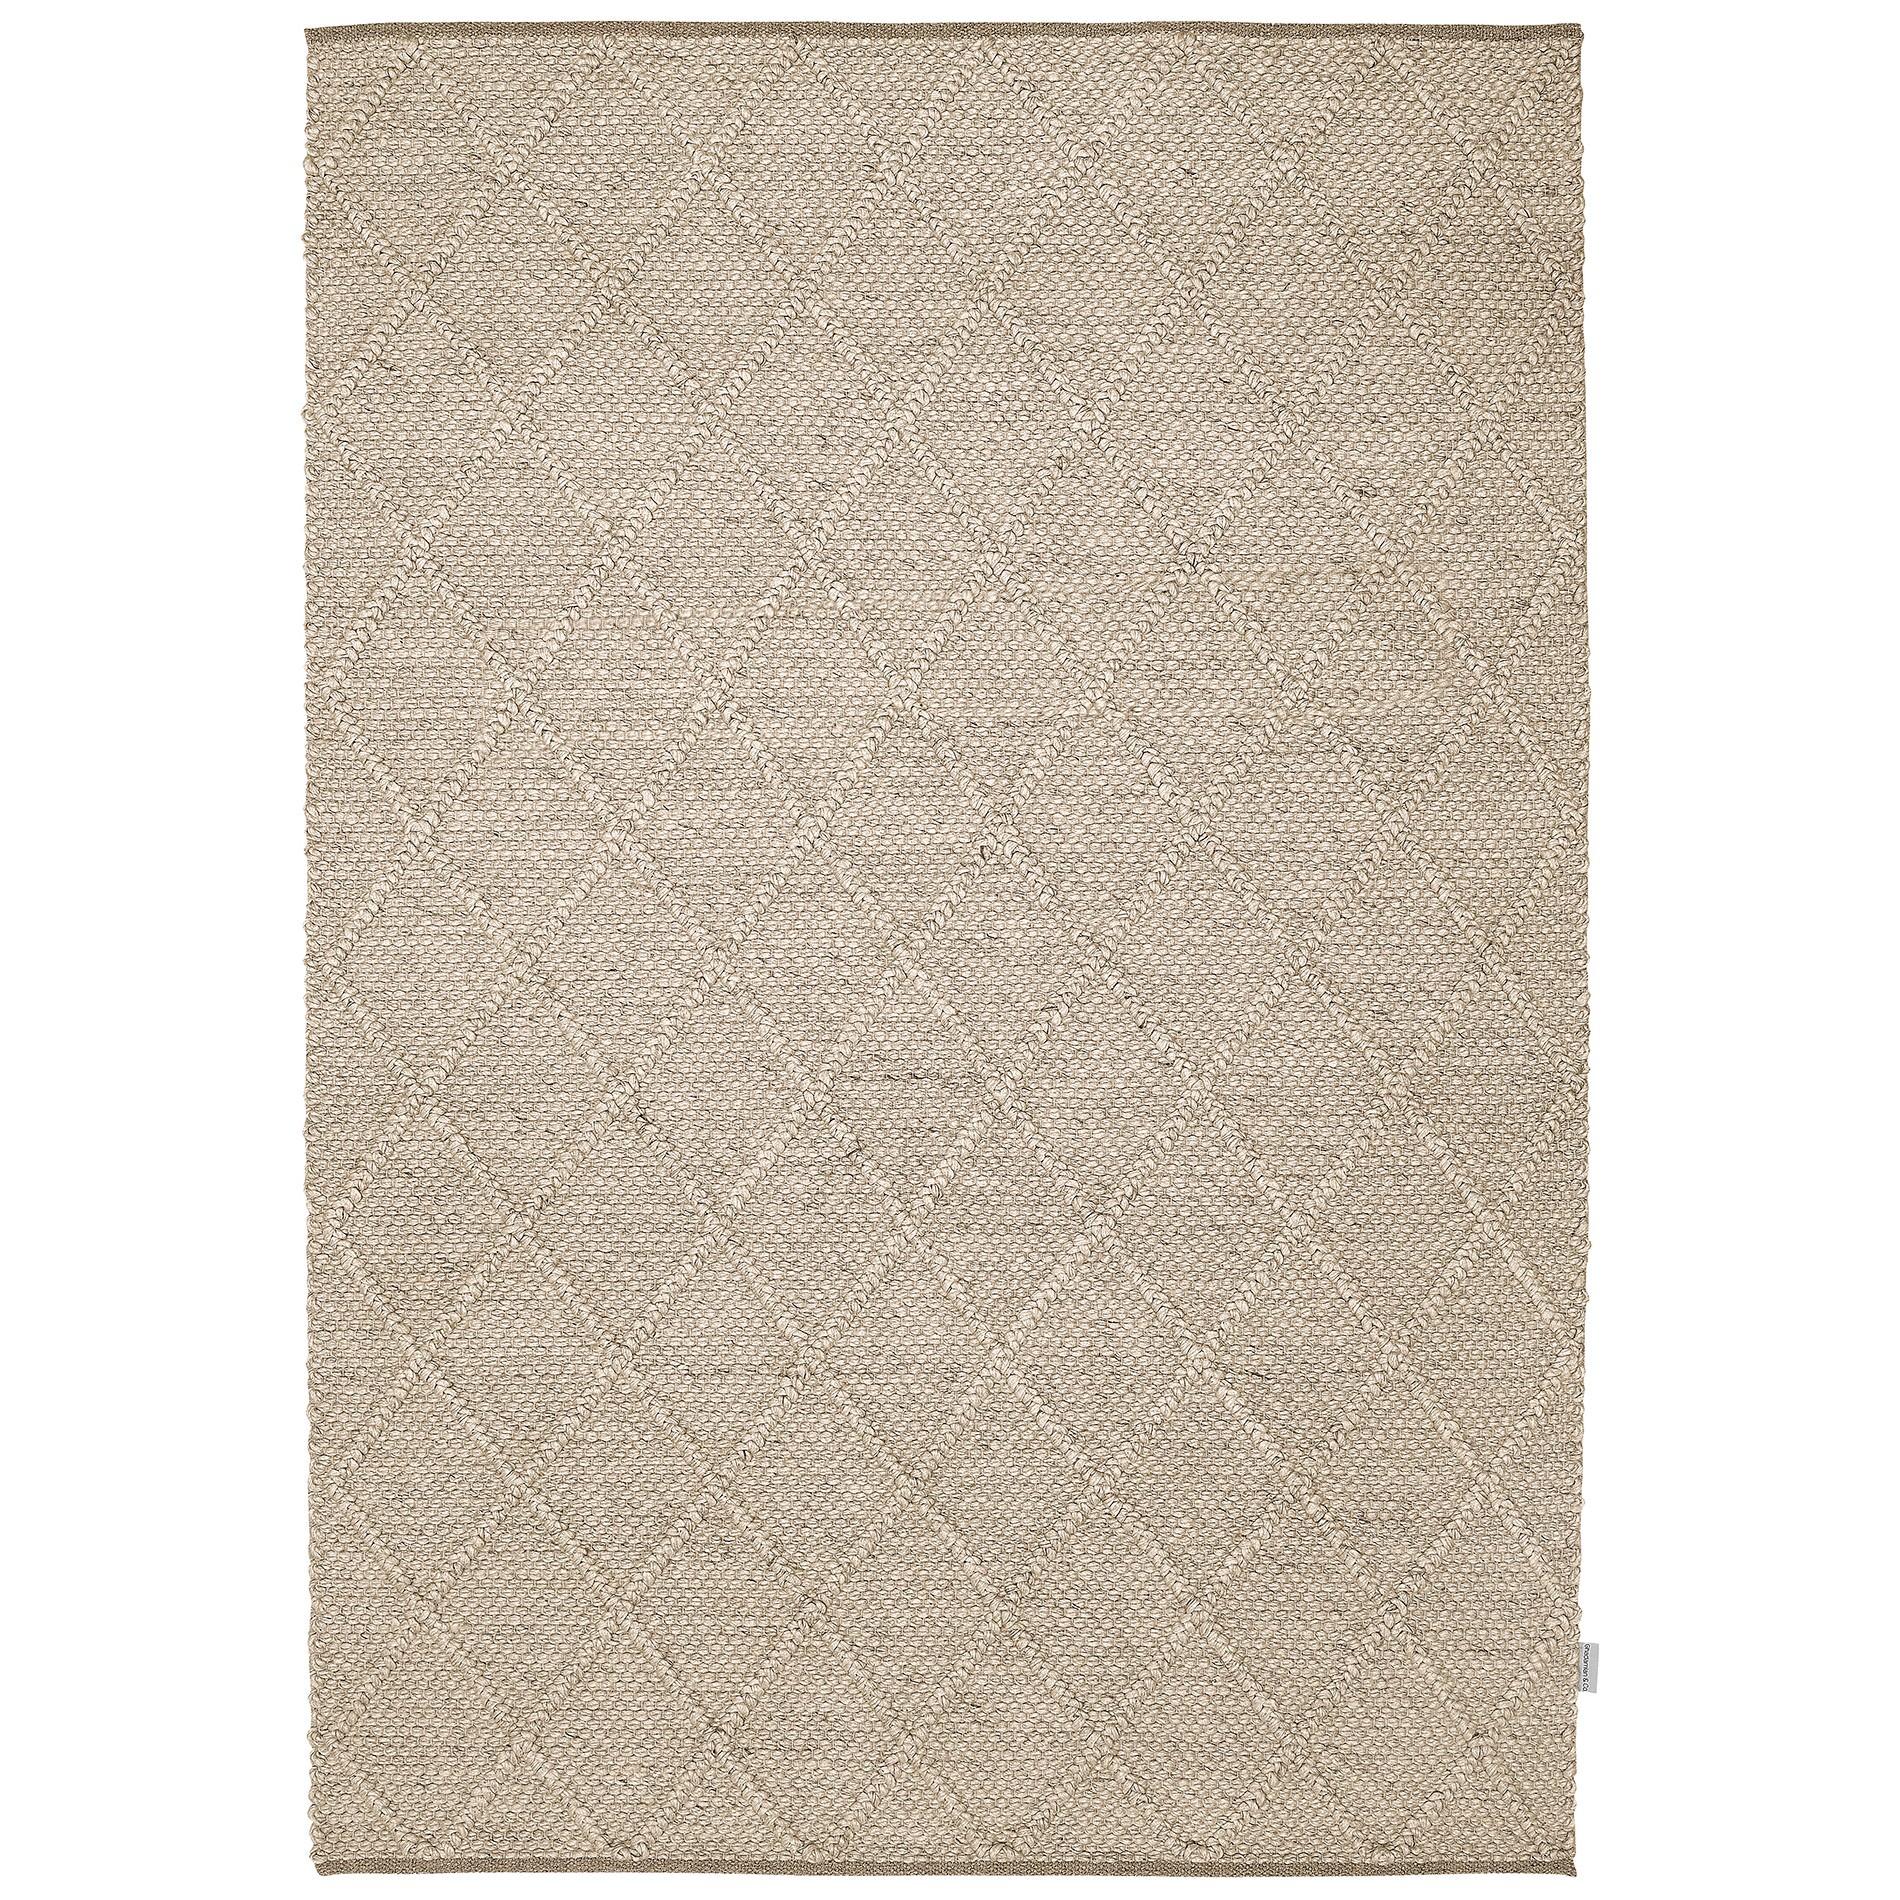 Alexia Modern Wool Rug, 225x155cm, Ivory